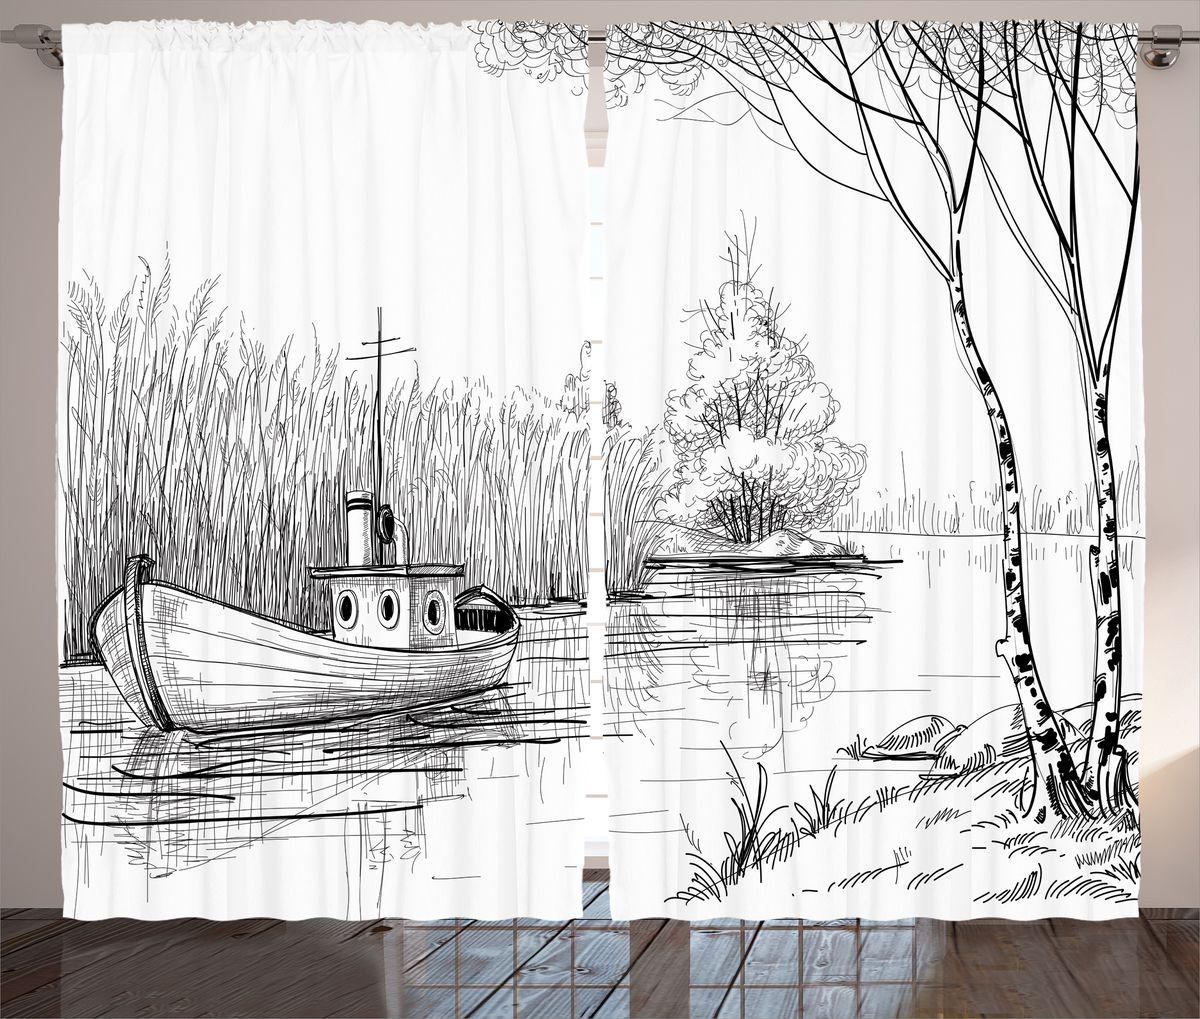 Комплект фотоштор Magic Lady Лодка на тихой реке, на ленте, высота 265 см. шсг_14968шсг_14968Компания Сэмболь изготавливает шторы из высококачественного сатена (полиэстер 100%). При изготовлении используются специальные гипоаллергенные чернила для прямой печати по ткани, безопасные для человека и животных. Экологичность продукции Magic lady и безопасность для окружающей среды подтверждены сертификатом Oeko-Tex Standard 100. Крепление: крючки для крепления на шторной ленте (50 шт). Возможно крепление на трубу. Внимание! При нанесении сублимационной печати на ткань технологическим методом при температуре 240°С, возможно отклонение полученных размеров (указанных на этикетке и сайте) от стандартных на + - 3-5 см. Производитель старается максимально точно передать цвета изделия на фотографиях, однако искажения неизбежны и фактический цвет изделия может отличаться от воспринимаемого по фото. Обратите внимание! Шторы изготовлены из полиэстра сатенового переплетения, а не из сатина (хлопок). Размер одного полотна шторы: 145х265 см. В комплекте 2...